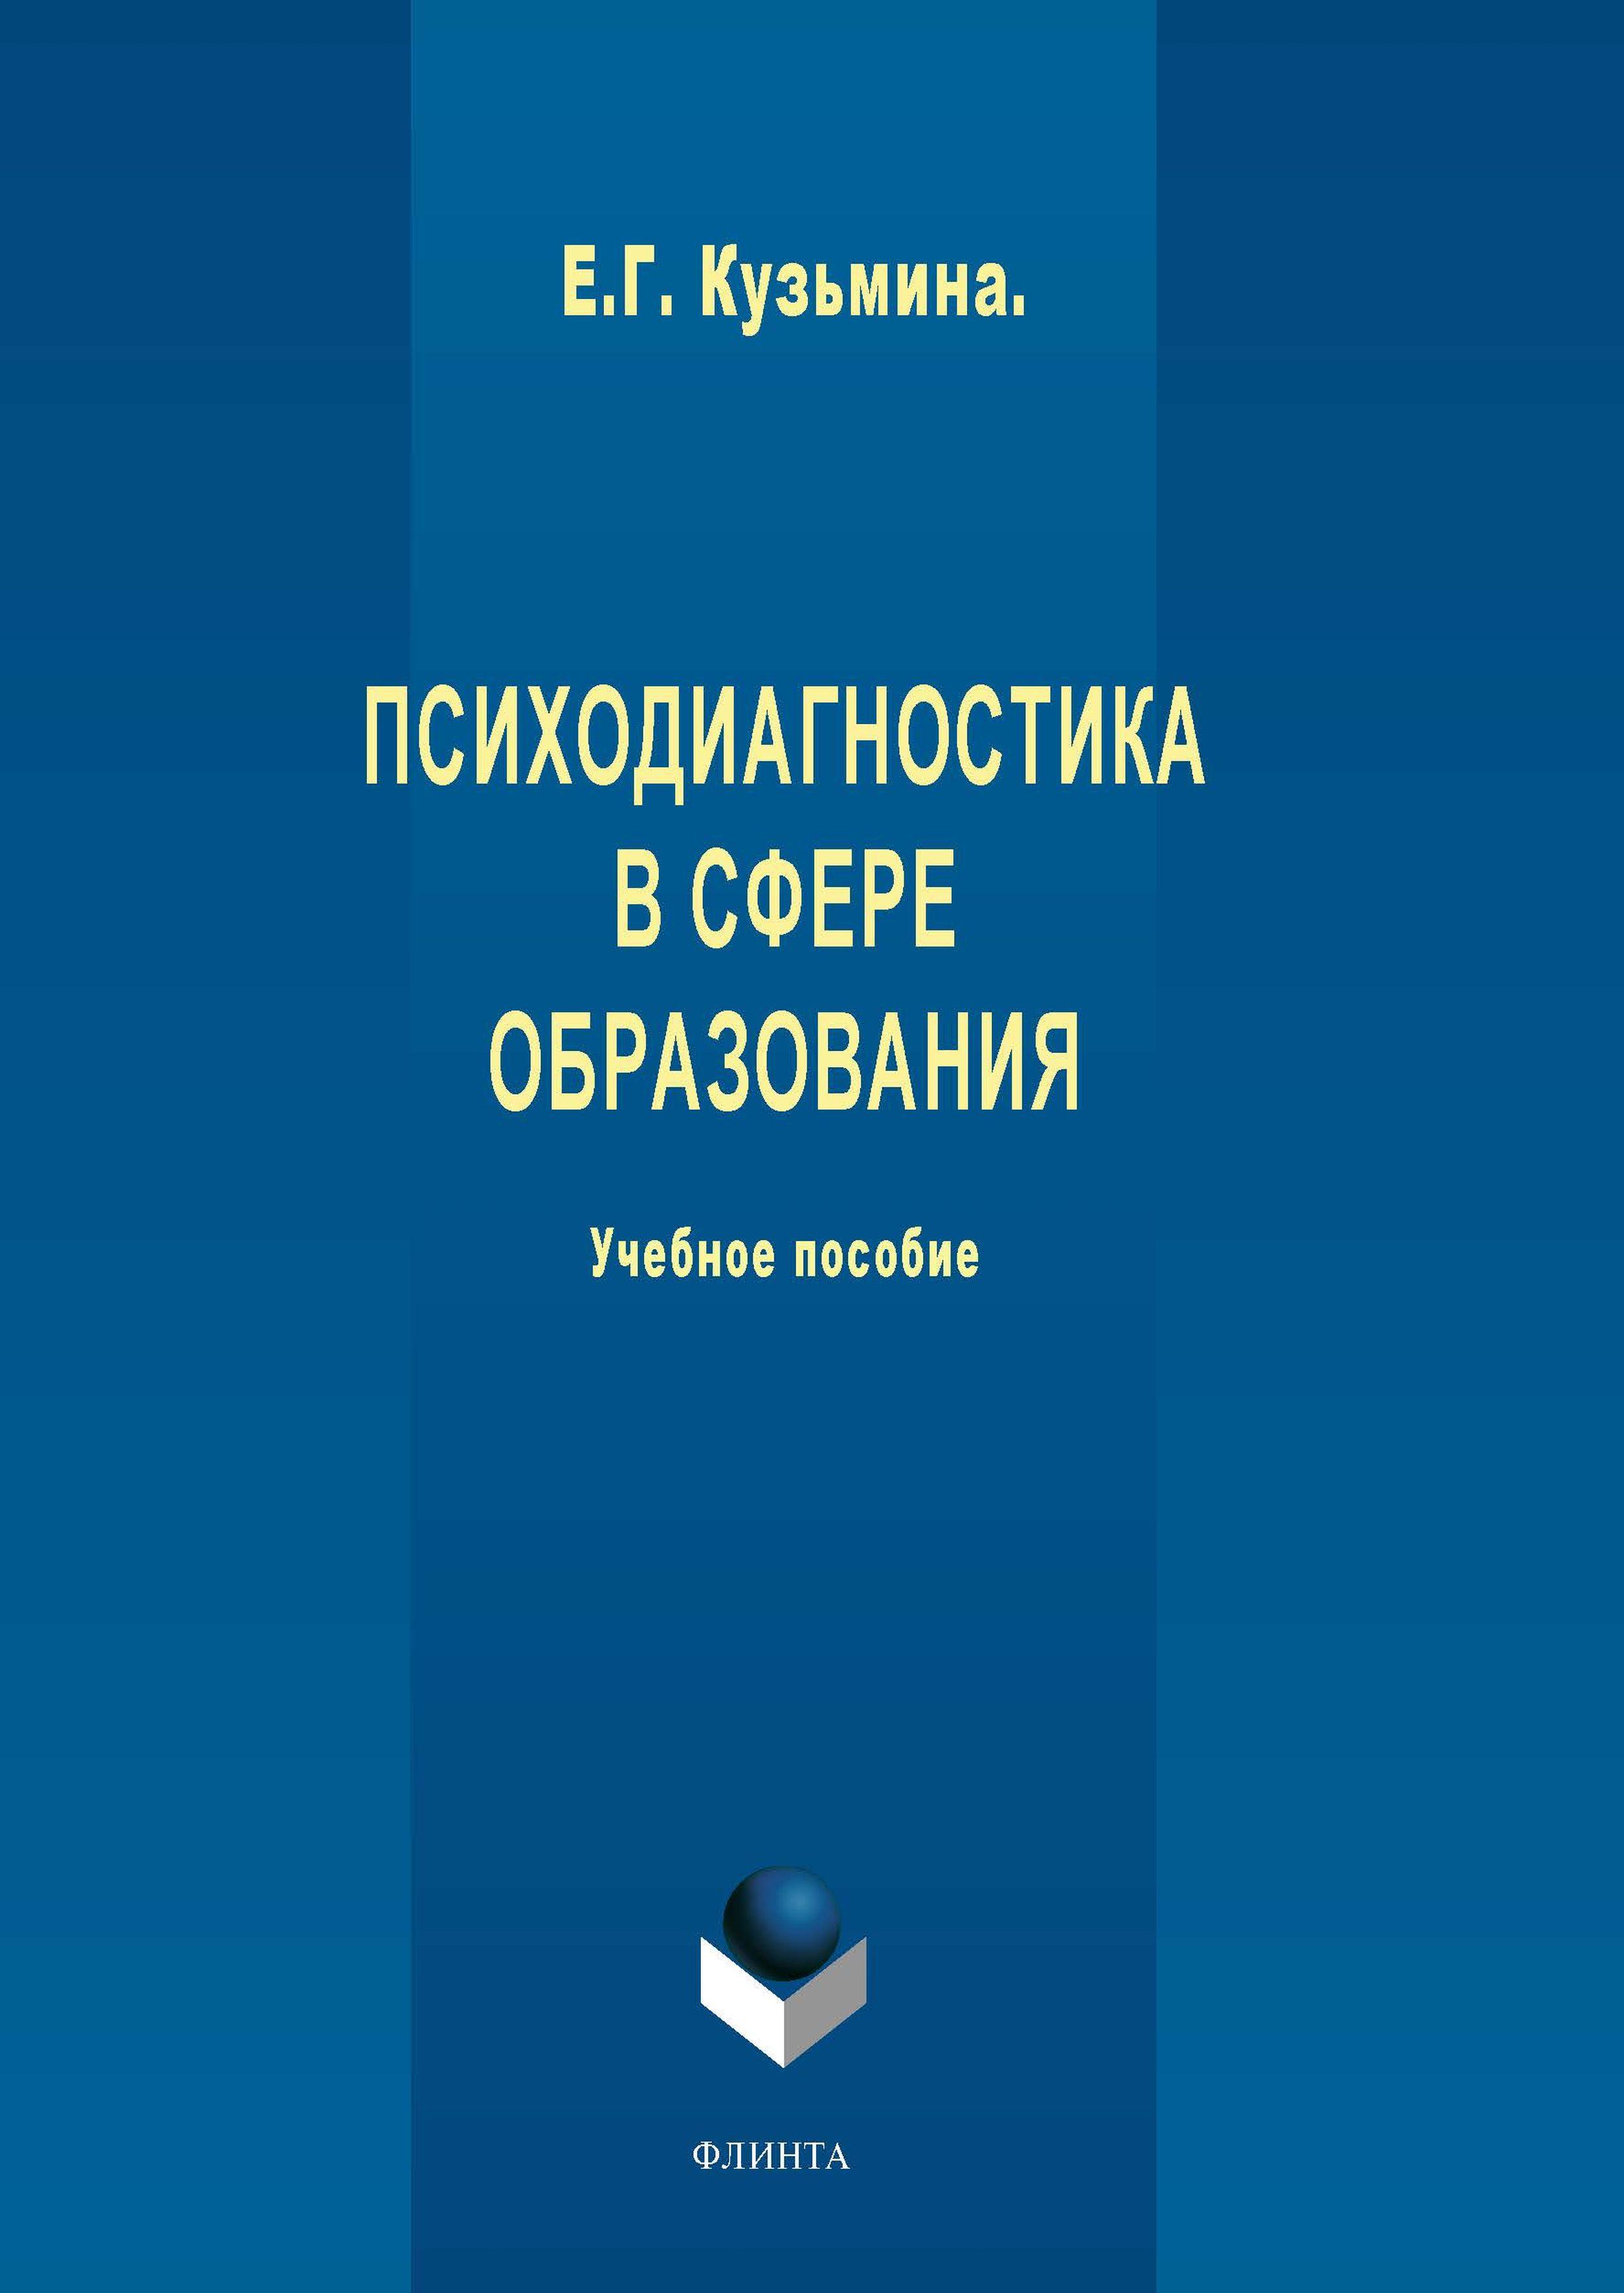 Е. Г. Кузьмина Психодиагностика в сфере образования. Учебное пособие